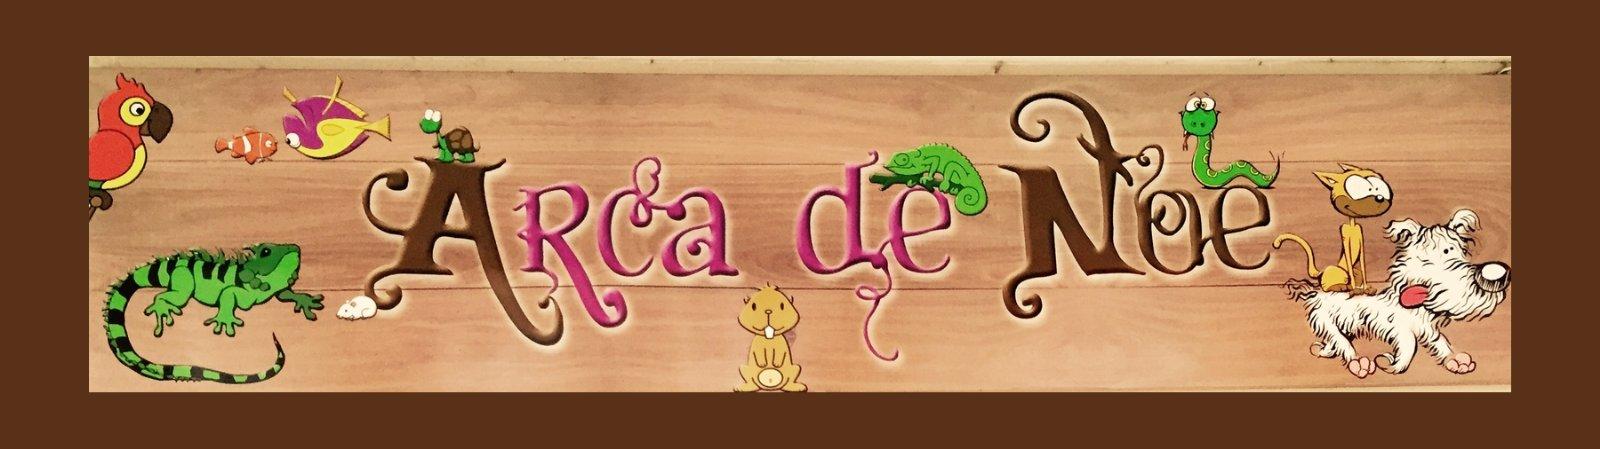 arca de noe, arca de noe en palencia, tienda especializada en alimentos para animales en palencia